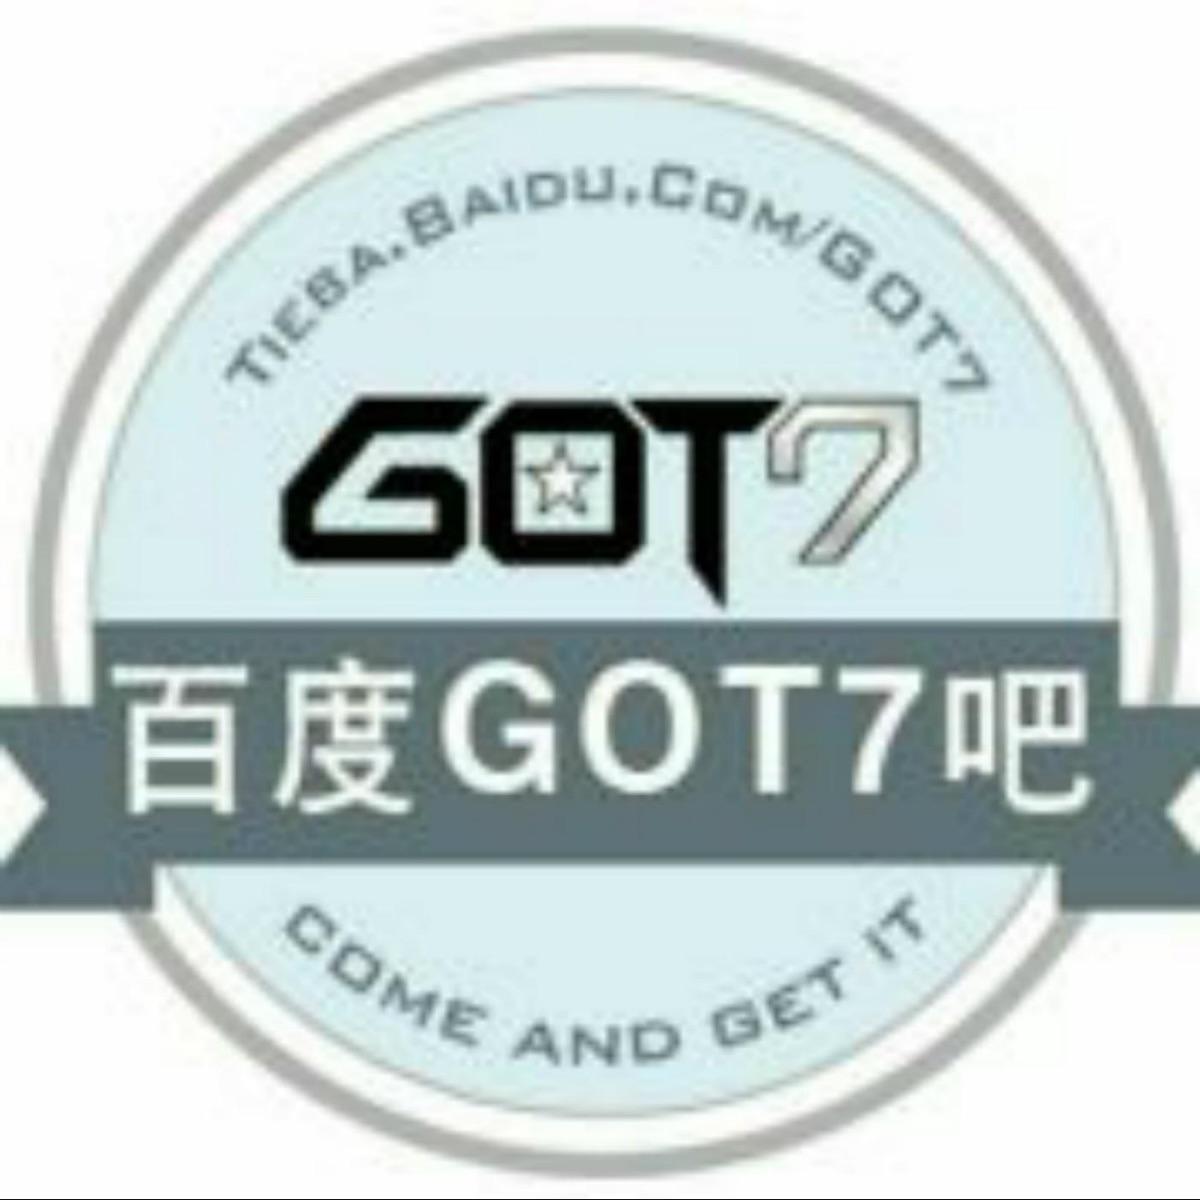 百度GOT7吧 百度GOT7吧 CD cover